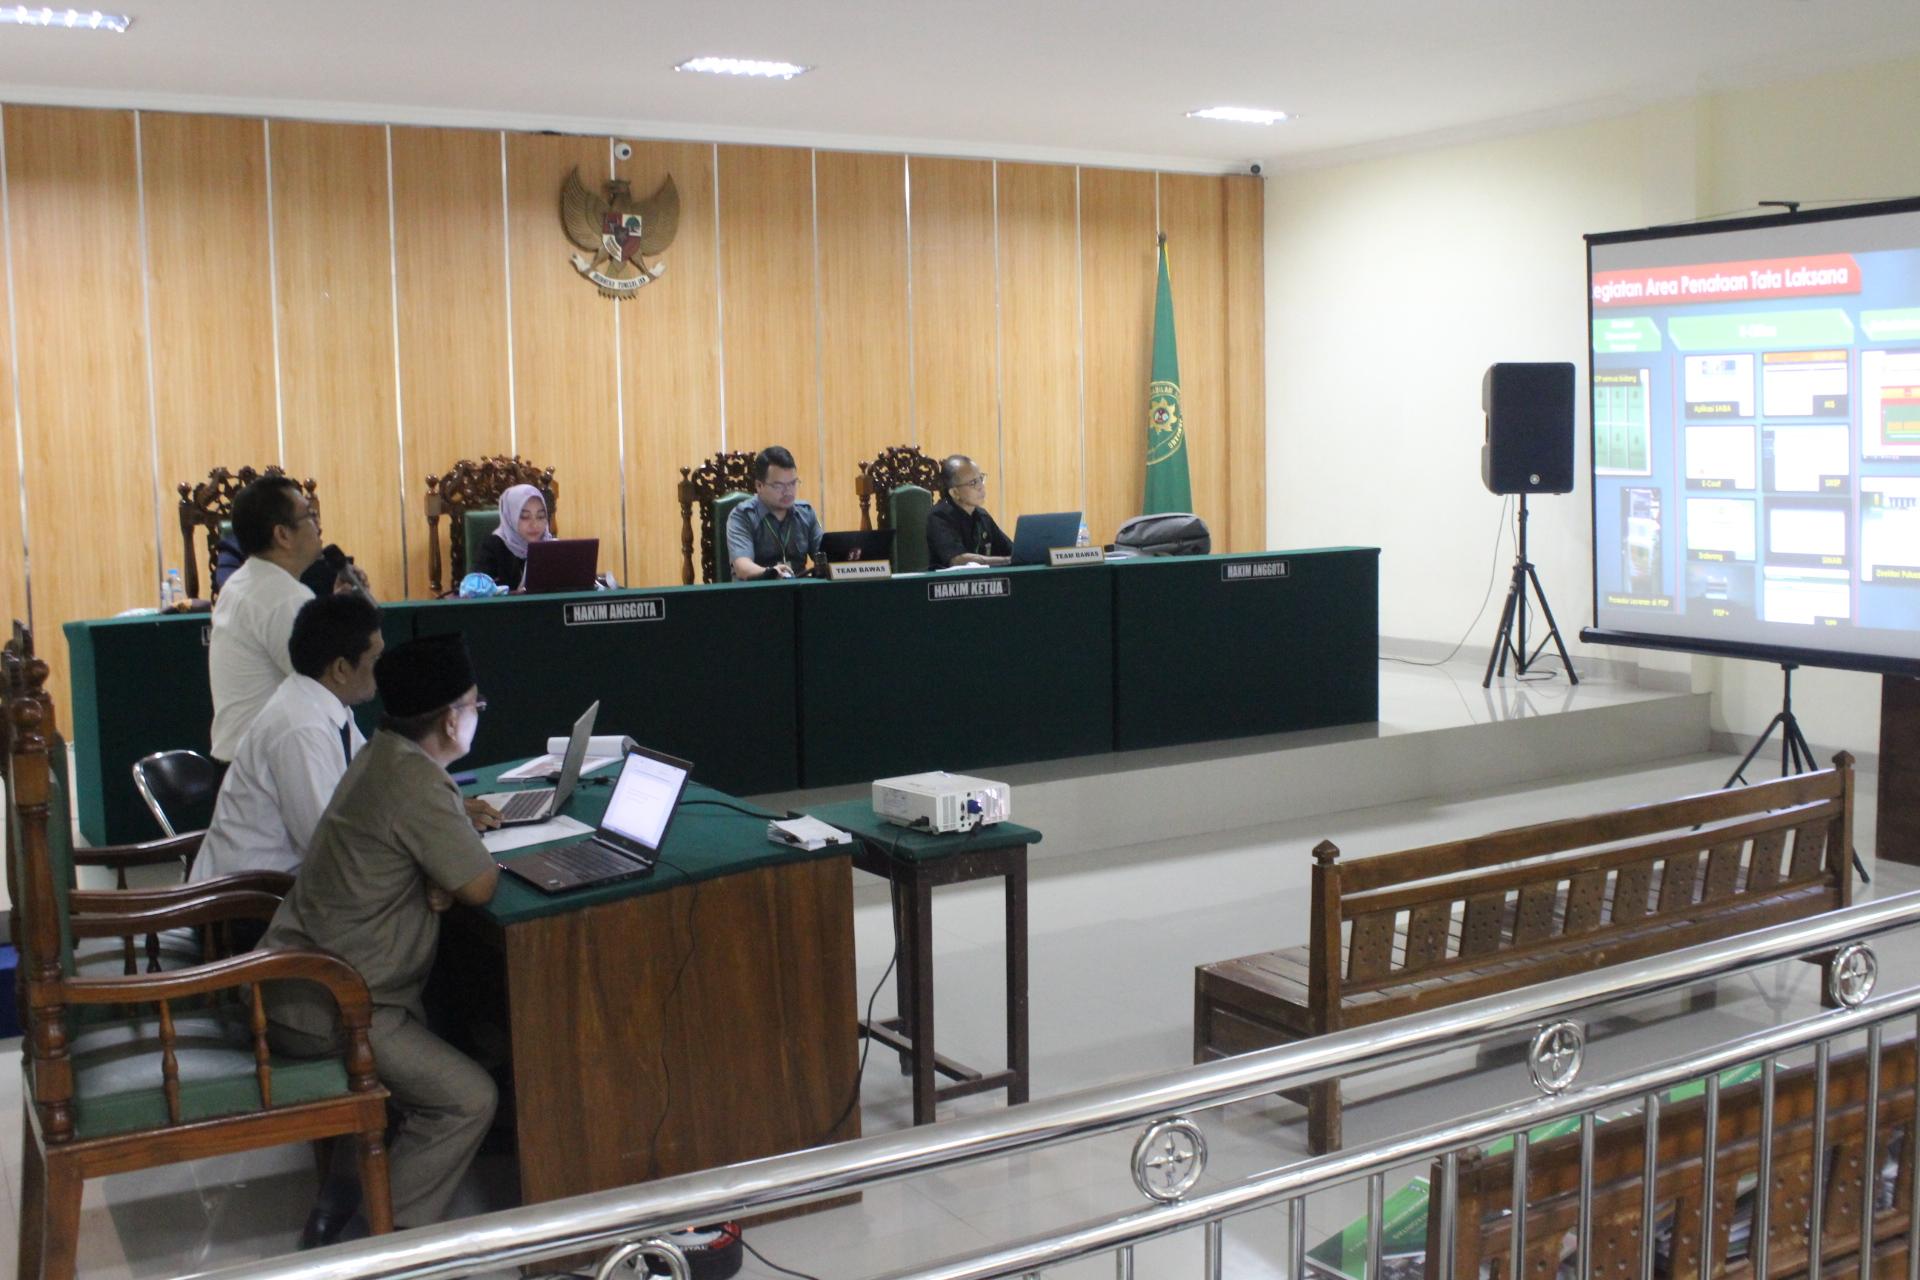 Evaluasi Penilaian Mandiri Pelaksanaan Pembangunan Zona Integritas Pmpzi Oleh Badan Pengawasan Mahkamah Agung Ri